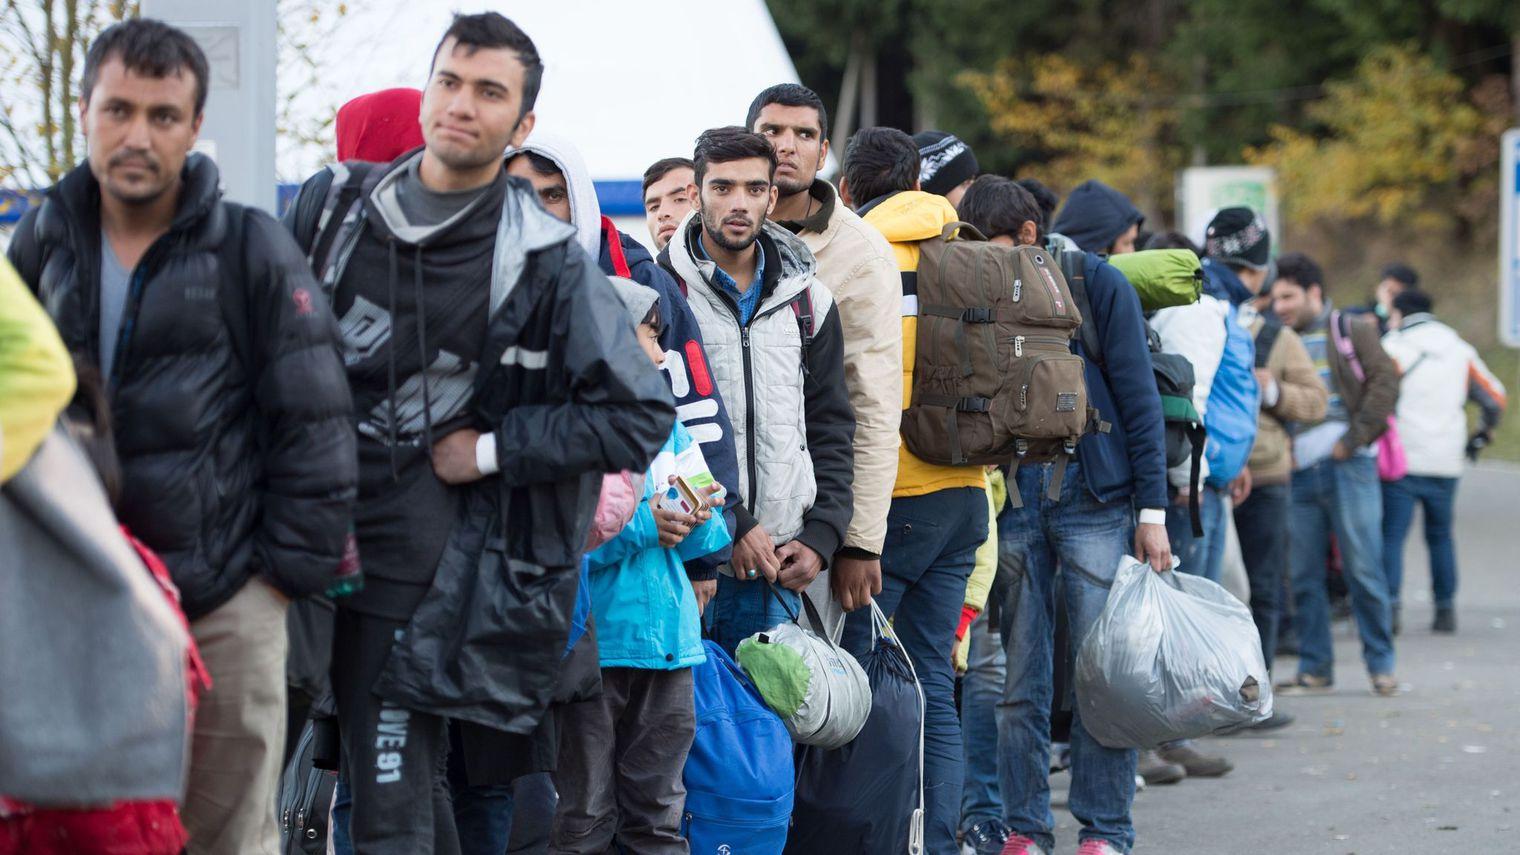 L'Allemagne a enregistré 964.000 migrants depuis janvier